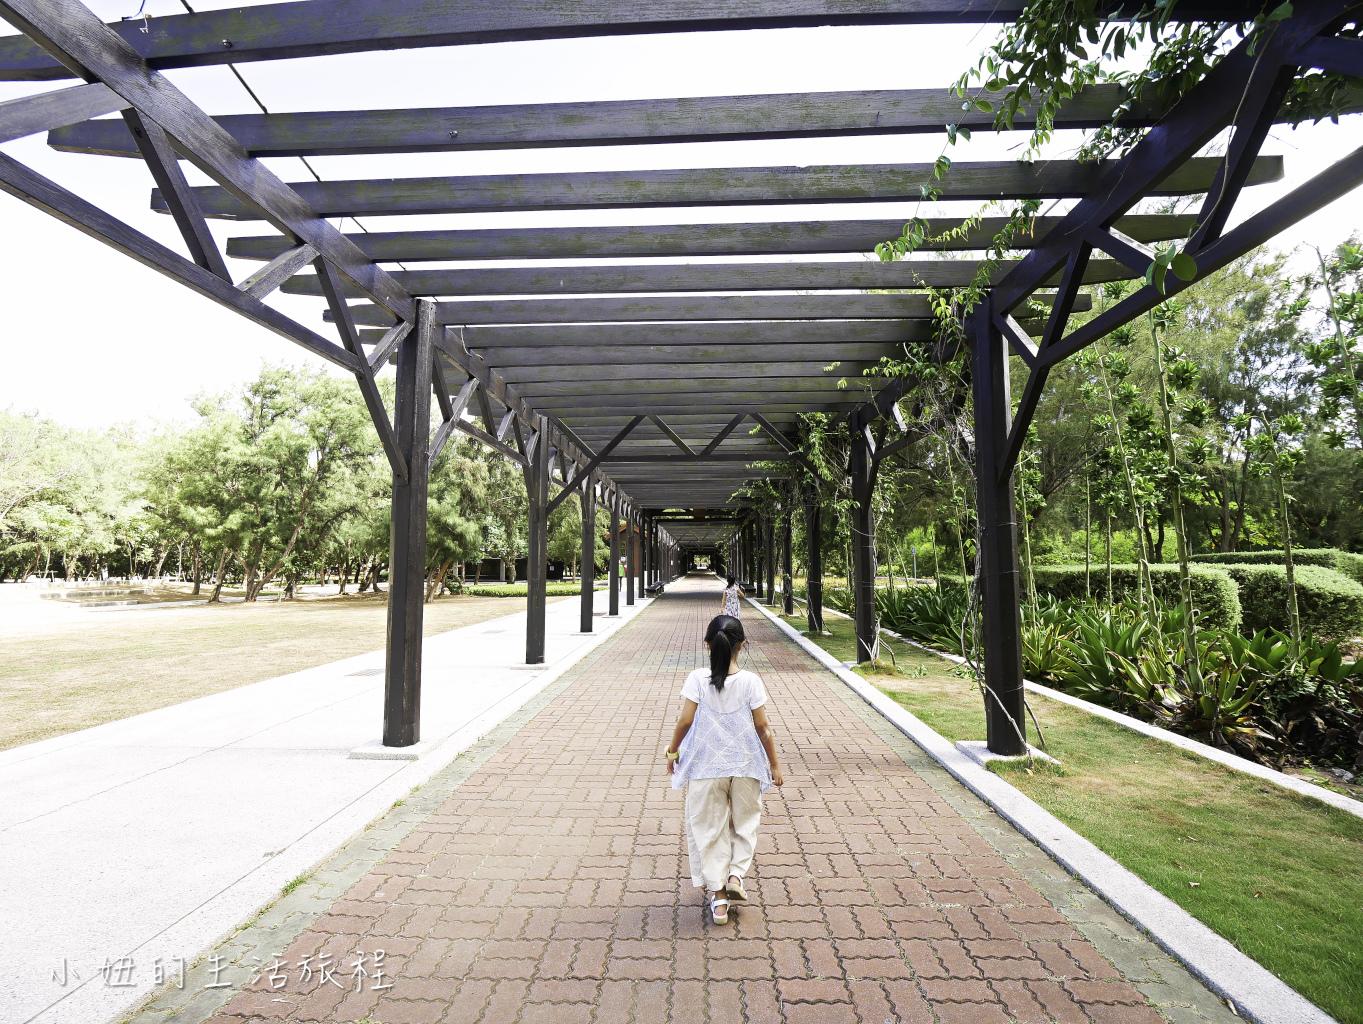 林投公園,及林春咖啡館 林投店-2.jpg